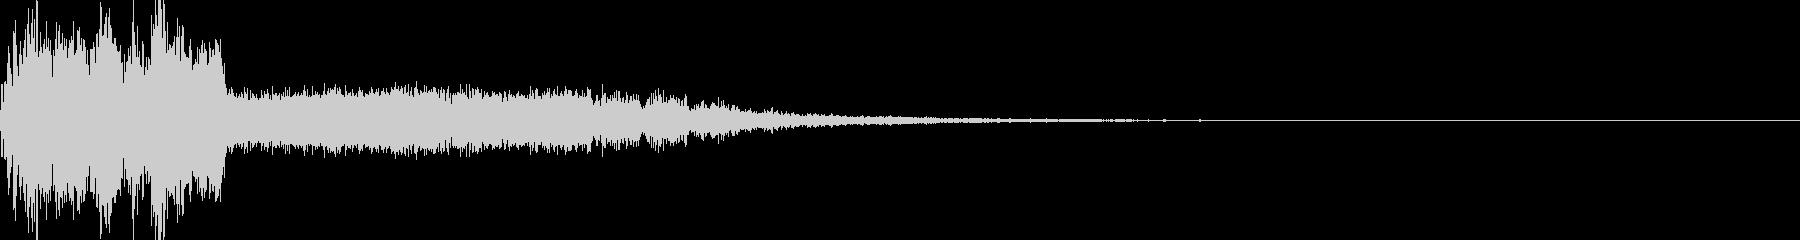 斬撃のクリティカルヒット音の未再生の波形